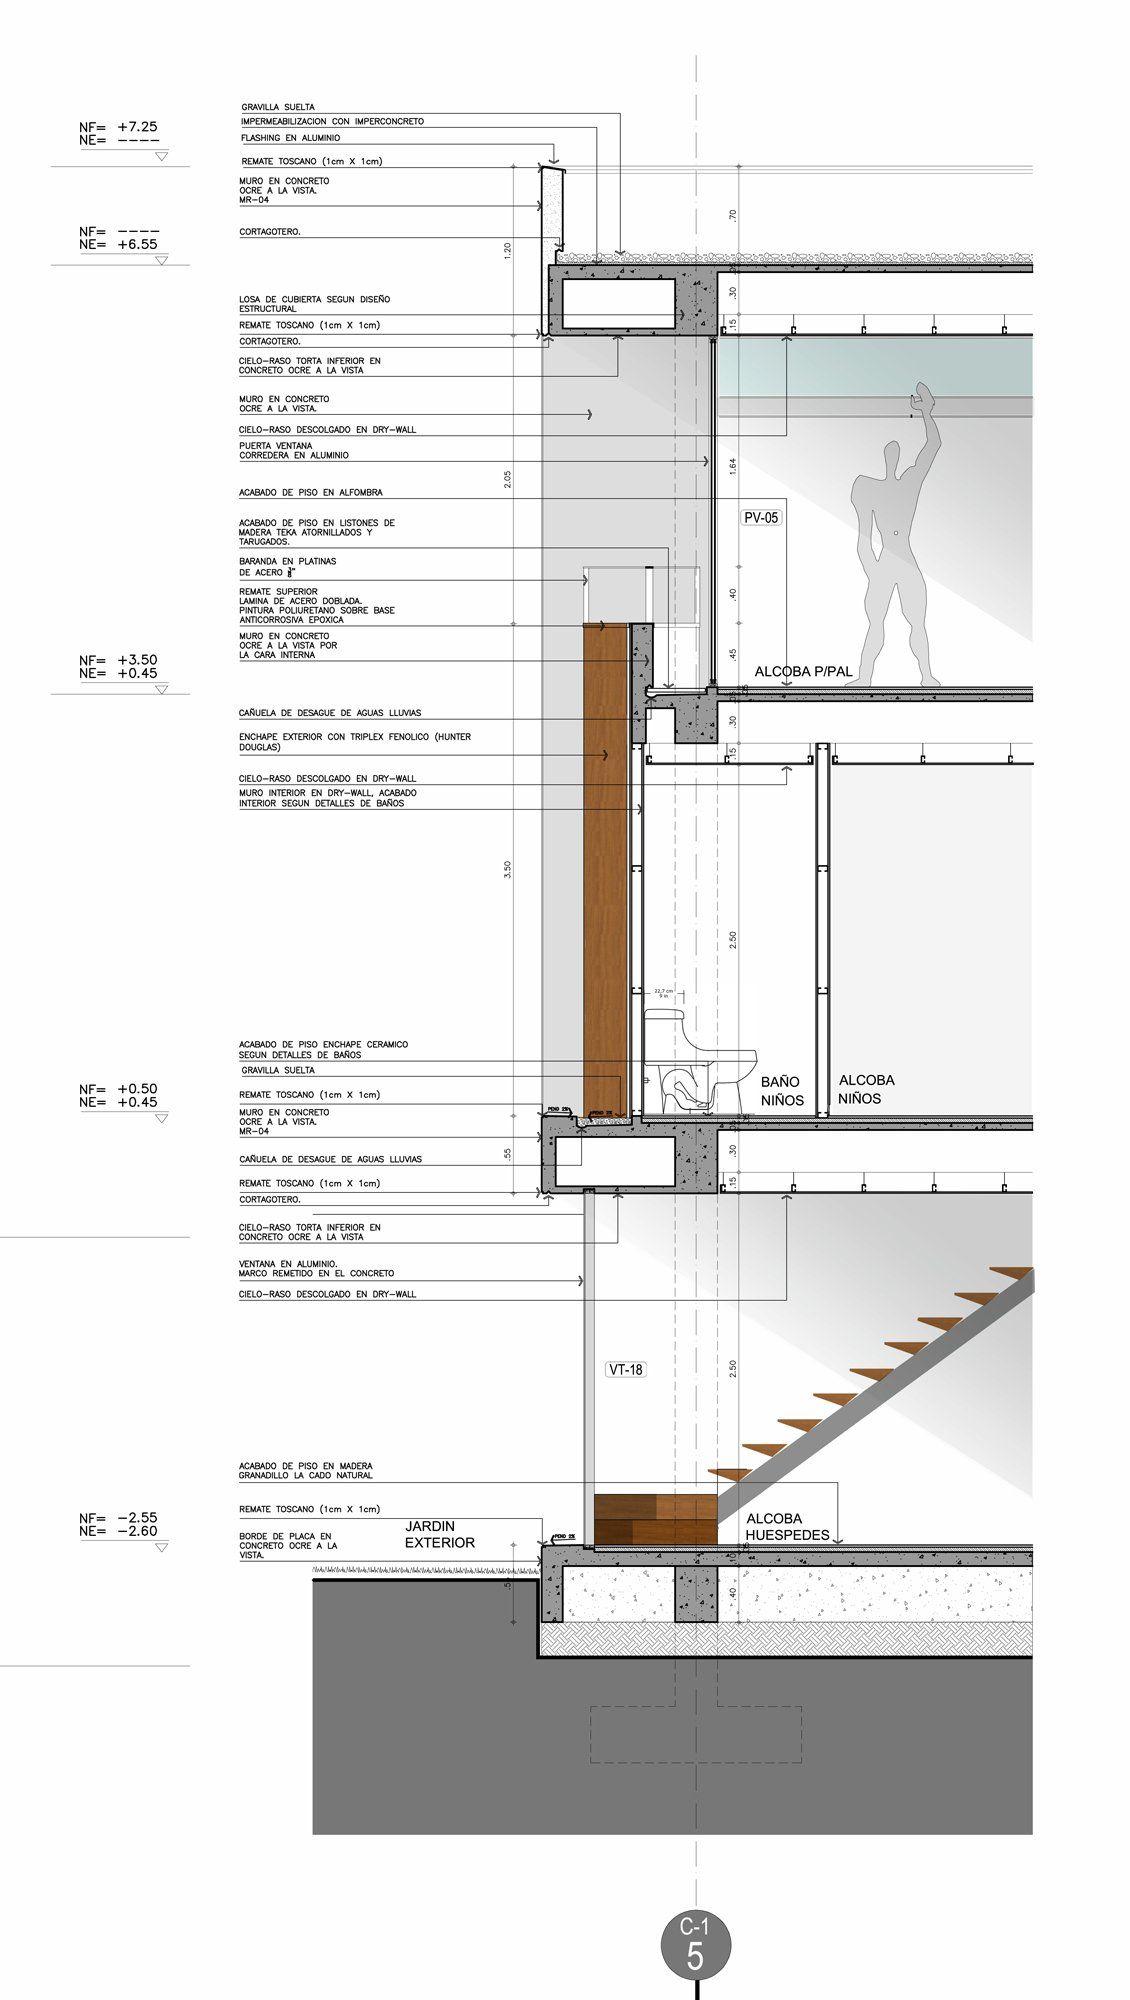 Detalle corte piso techo modulor detalles constructivos for Piso tecnico detalle